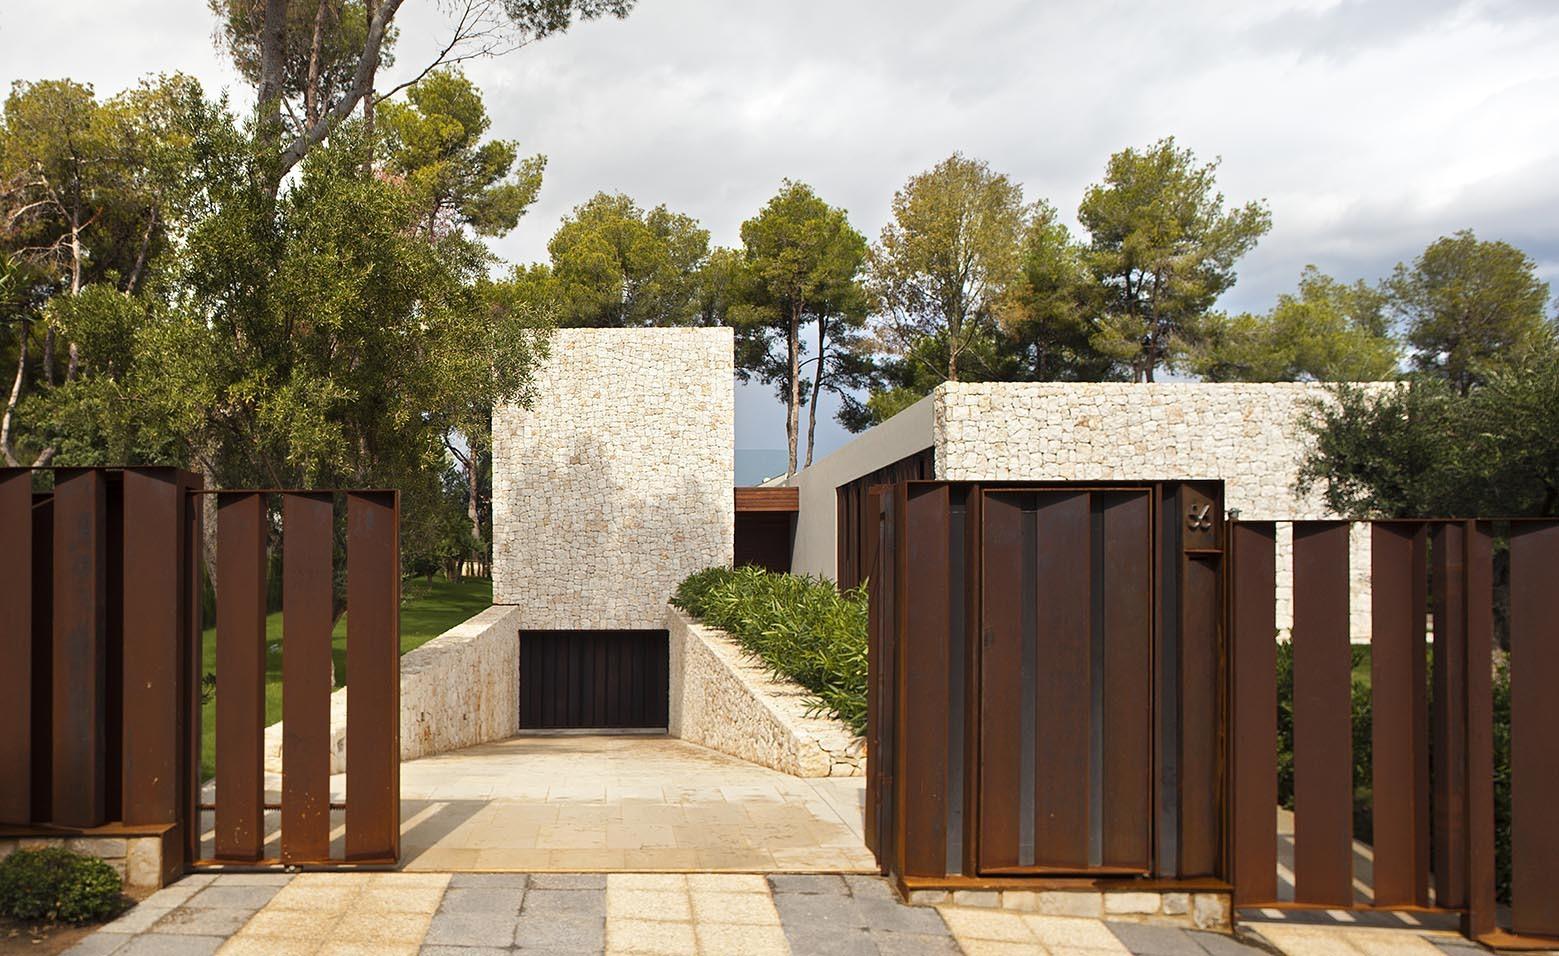 El bosque house by ramon esteve in valencia spain for Casas minimalistas pequenas